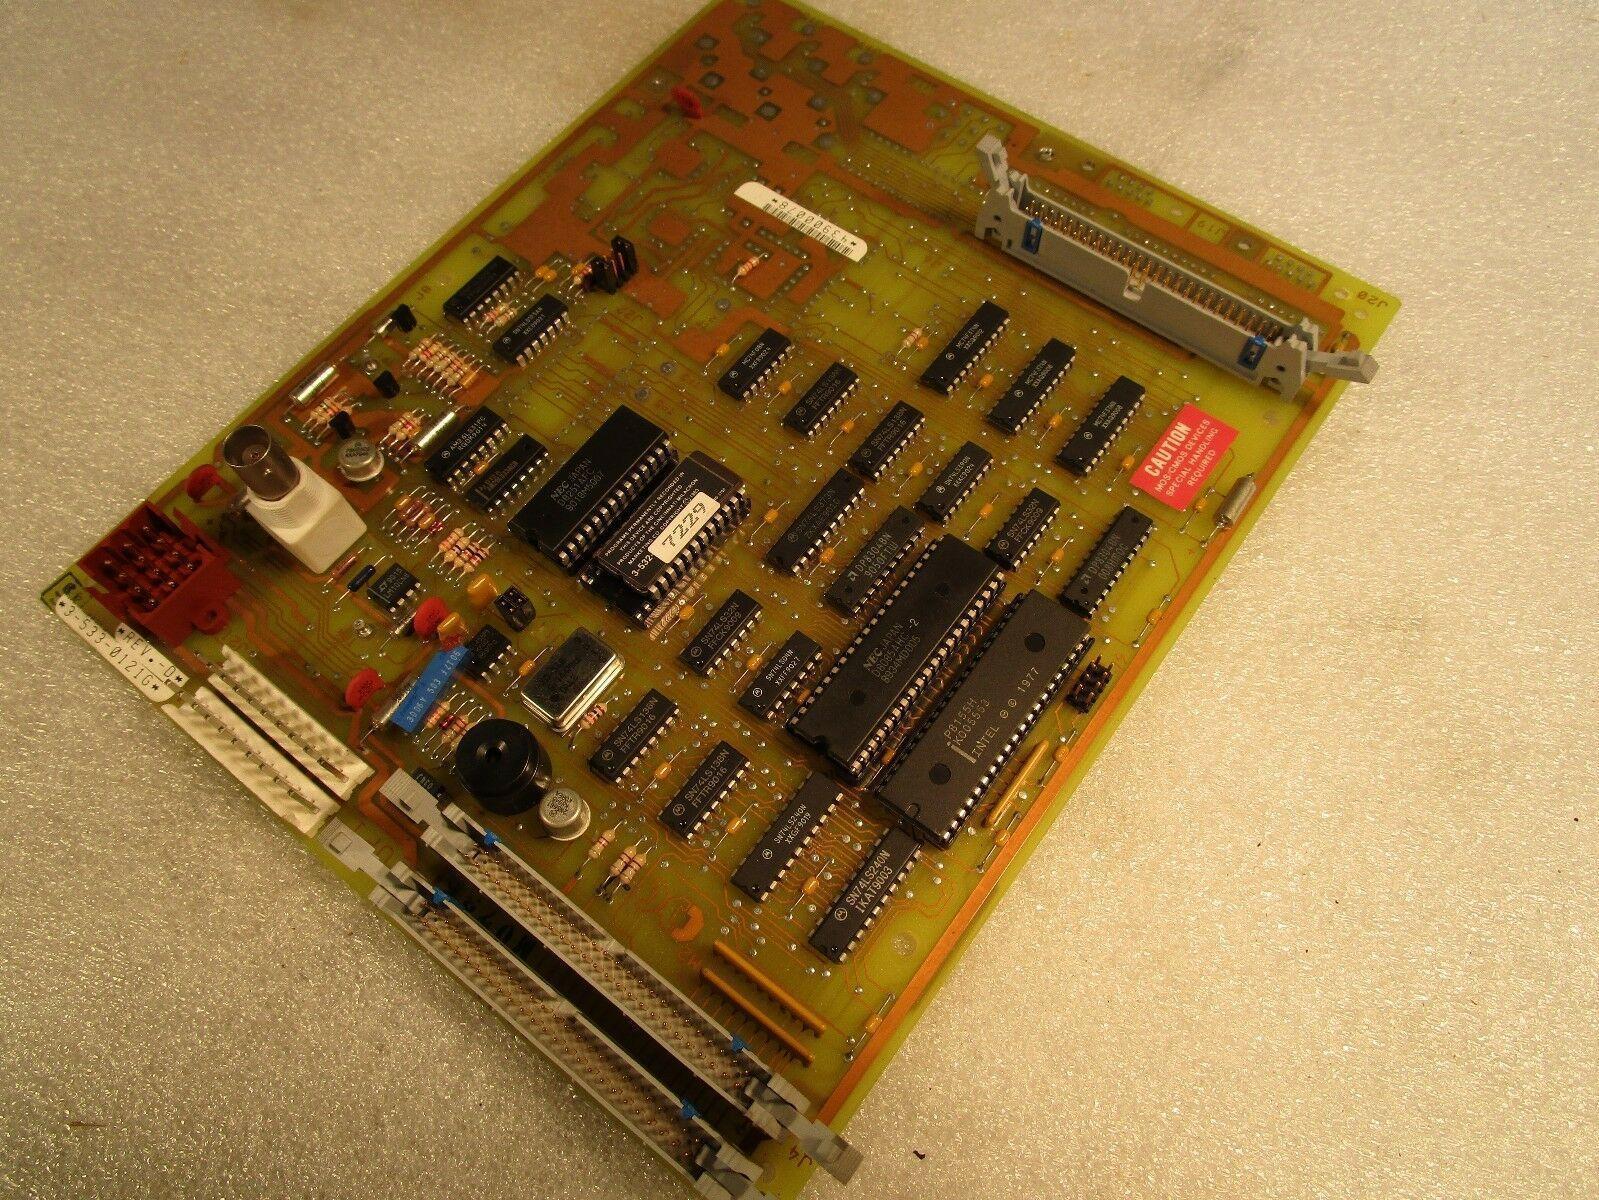 Siemens Acramatic Cincinnati Control Board 3-533-0121G